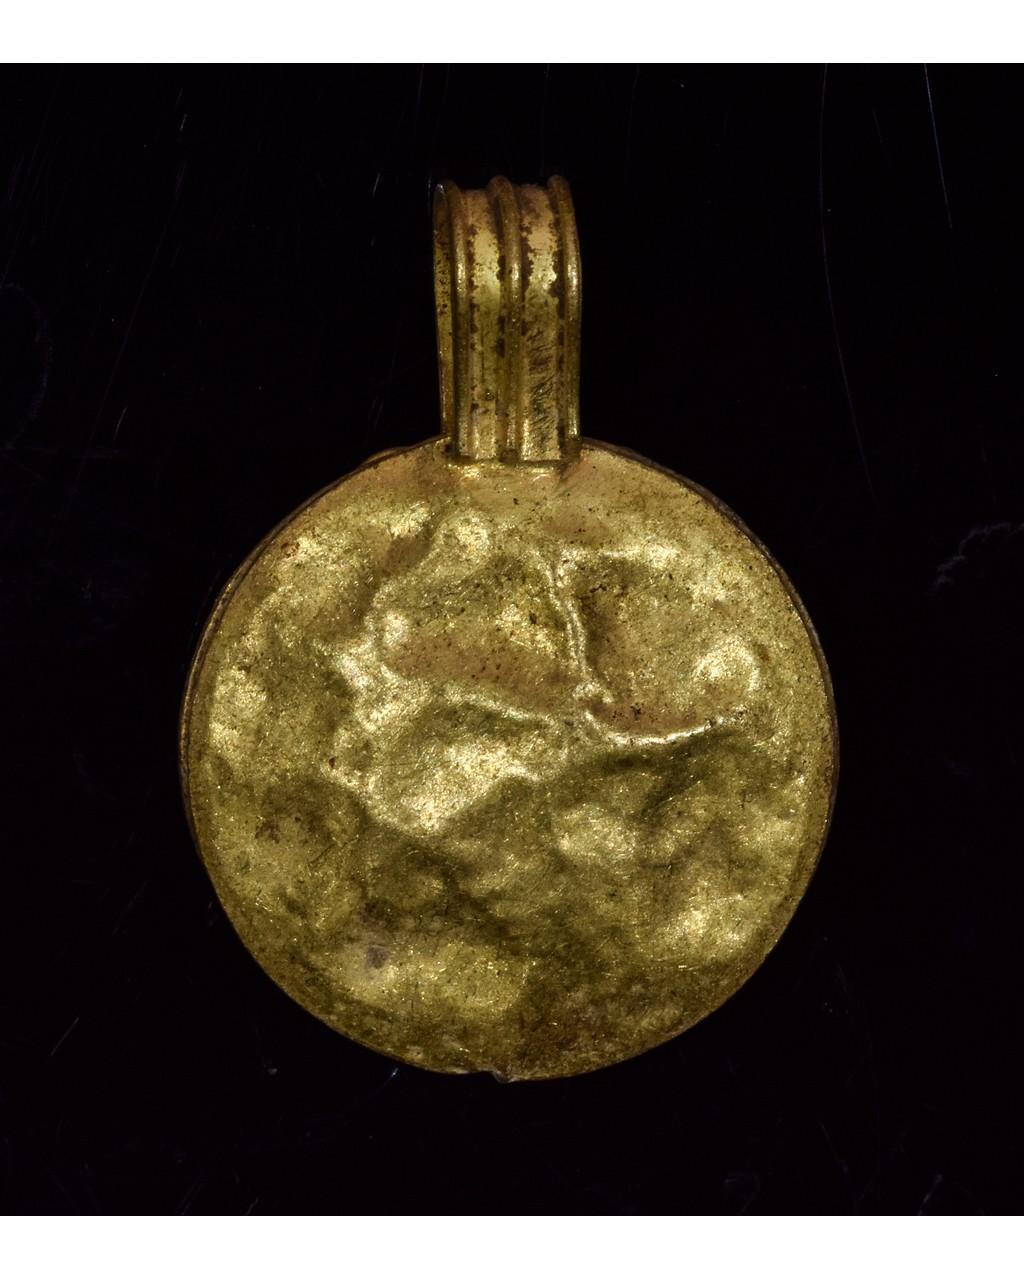 Lot 46 - ROMAN GOLD BULLA PENDANT